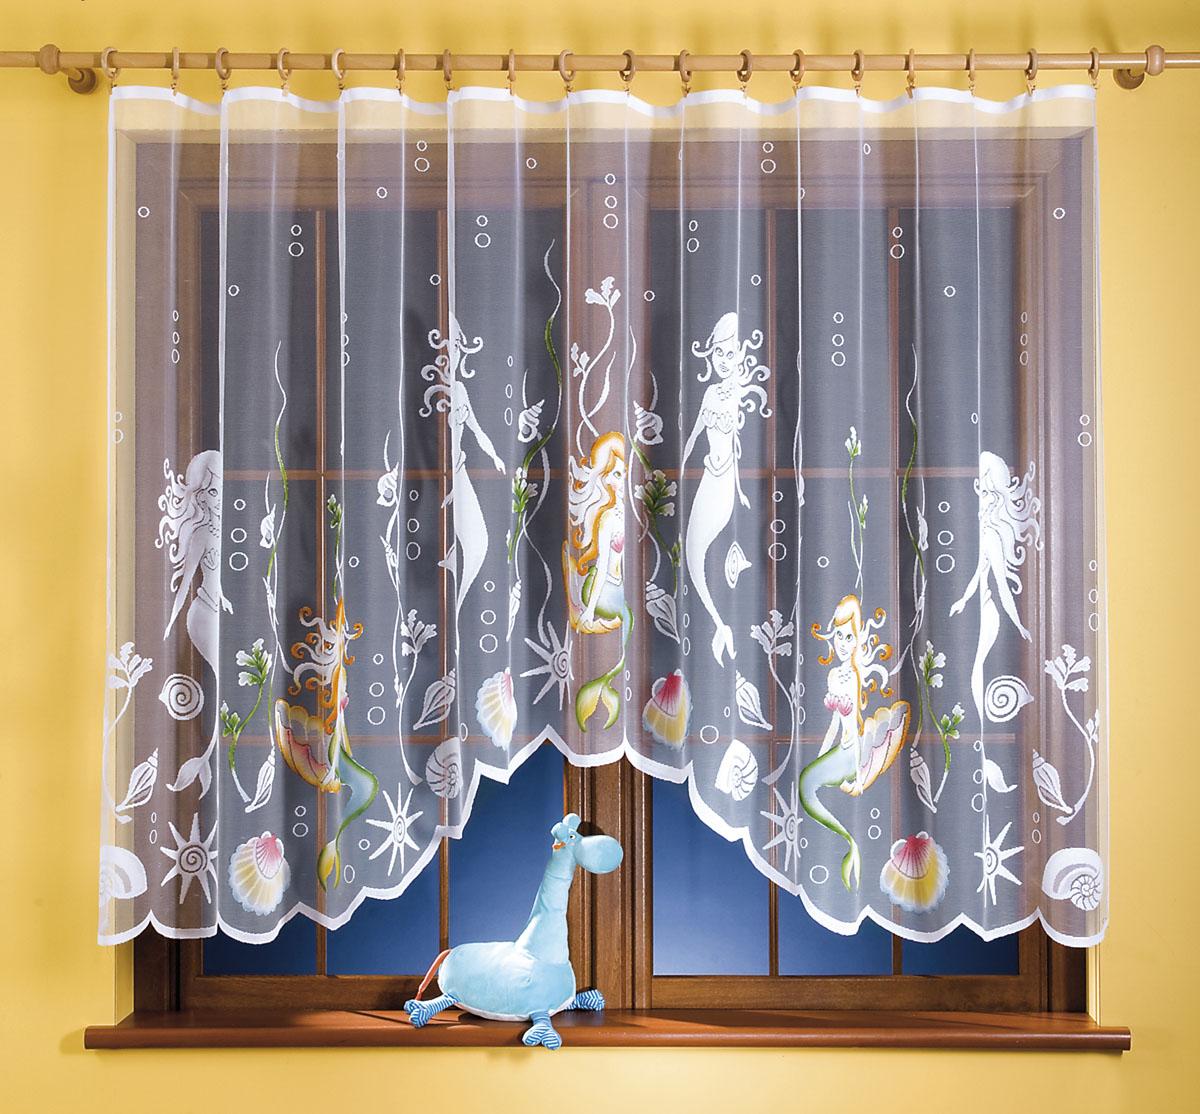 Гардина Syrenka, цвет: белый, высота 150 смS03301004Гардина Syrenka станет великолепным украшением любого окна. Гардина выполнена из легкого полиэстера белого цвета и оформлена изображением русалок. Тонкое плетение, оригинальный дизайн и нежная цветовая гамма привлекут внимание и украсят интерьер помещения. Гардина крепится к карнизу только с помощью зажимов (в комплект не входят). Характеристики:Материал: 100% полиэстер. Цвет: белый. Размер упаковки:27 см х 35 см х 3 см. Артикул: 662036.В комплект входит: Гардина - 1 шт. Размер (ШхВ): 300 см х 150 см. Фирма Wisan на польском рынке существует уже более пятидесяти лет и является одной из лучших польских фабрик по производству штор и тканей. Ассортимент фирмы представлен готовыми комплектами штор для гостиной, детской, кухни, а также текстилем для кухни (скатерти, салфетки, дорожки, кухонные занавески). Модельный ряд отличает оригинальный дизайн, высокое качество. Ассортимент продукции постоянно пополняется.